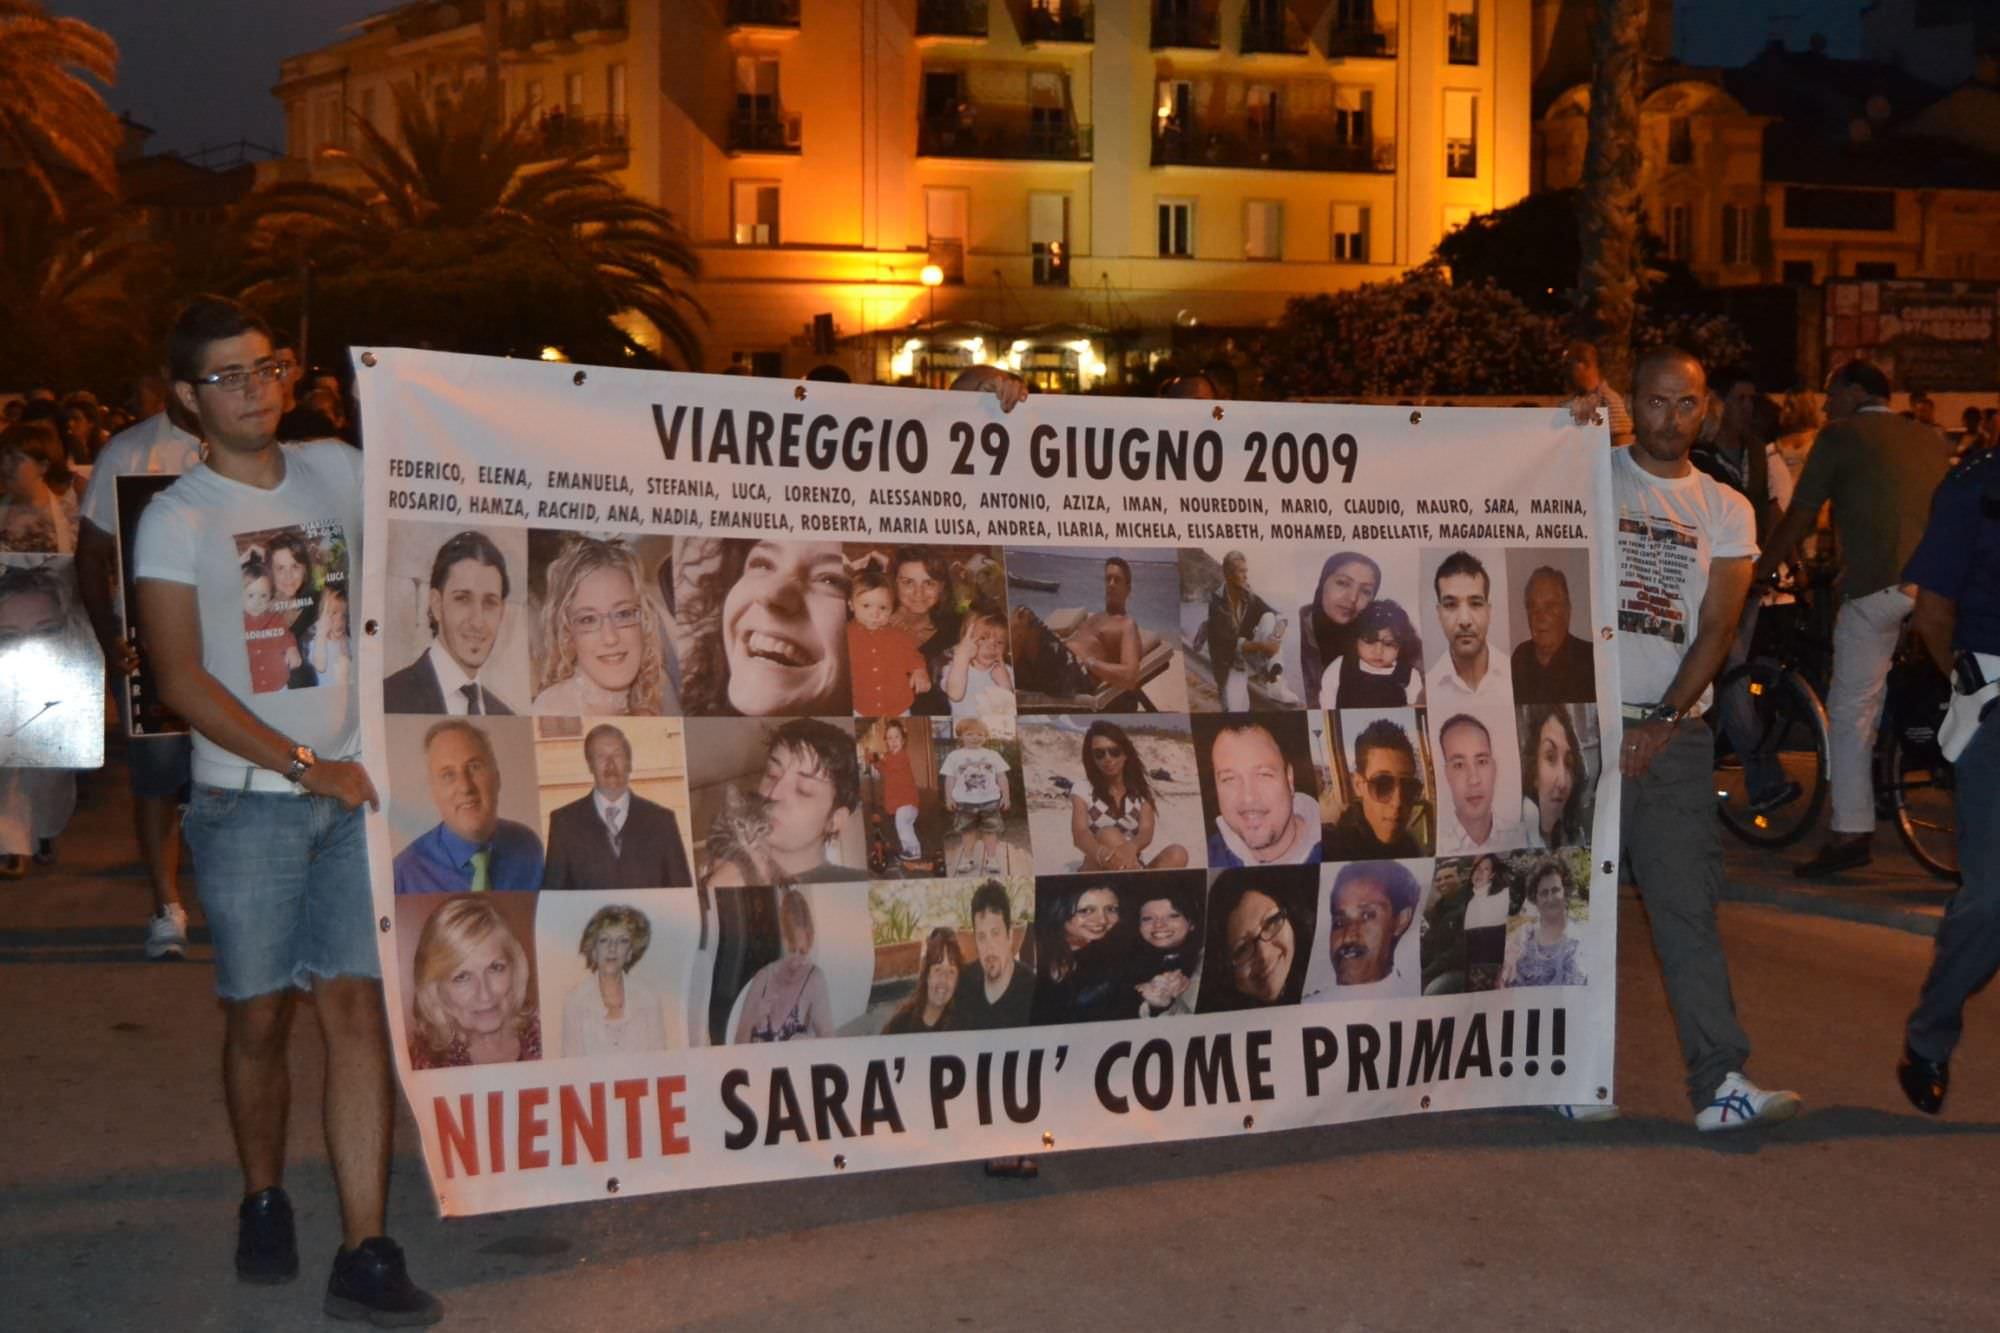 Strage di Viareggio, i famigliari delle vittime al Quirinale per chiedere giustizia